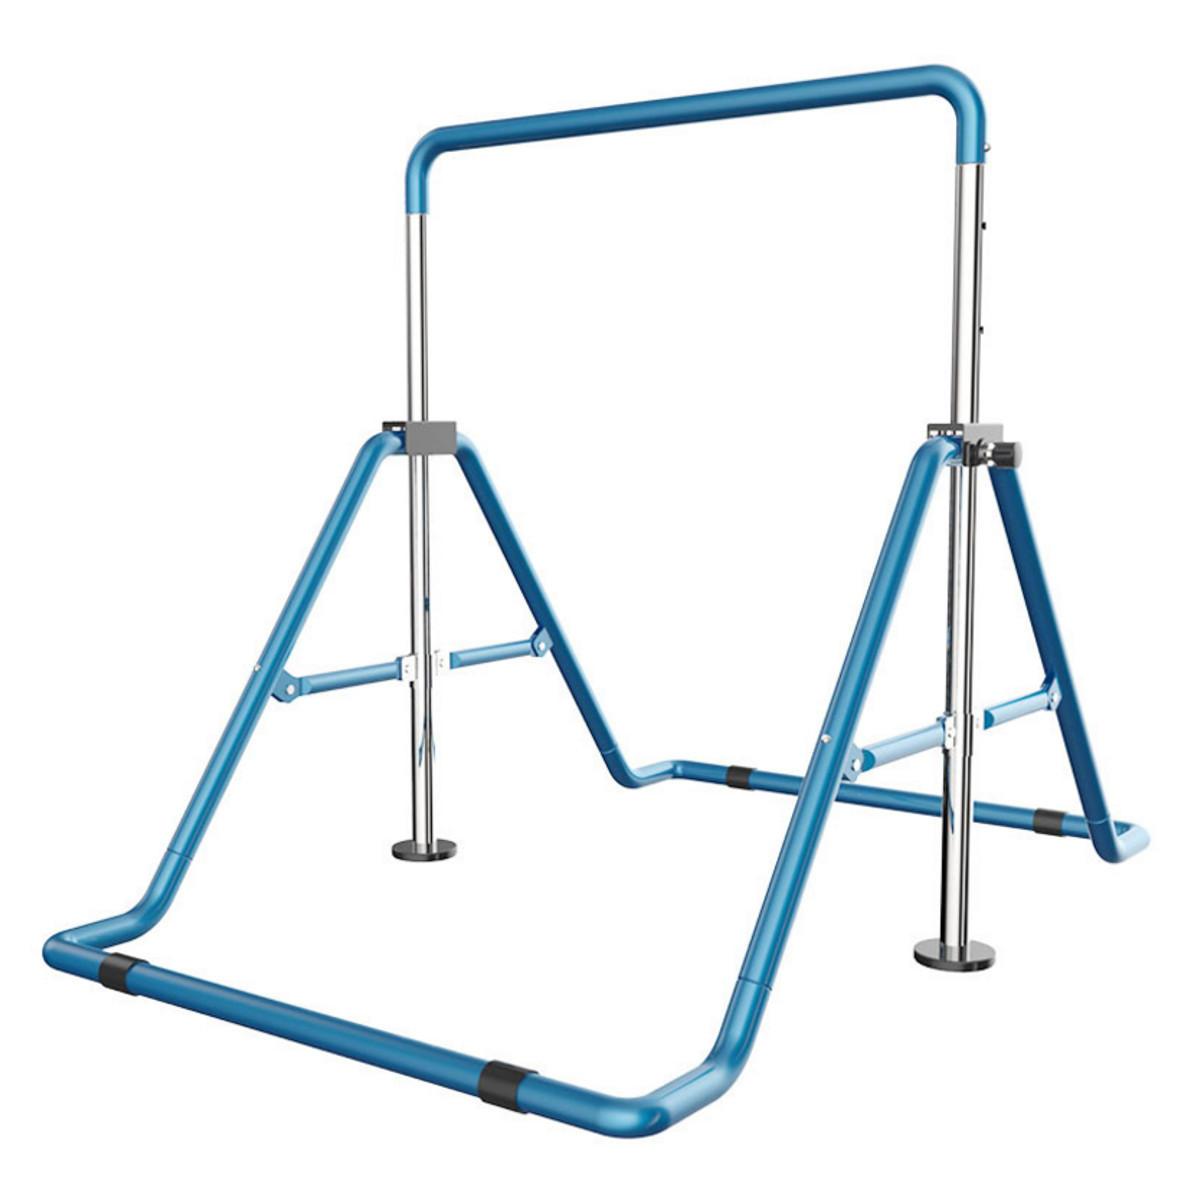 Barre De Gymnastique Pour Enfants Extensible Barre De Gymnastique  Asymétrique Pour Enfants dedans Barre De Gymnastique Pour Jardin